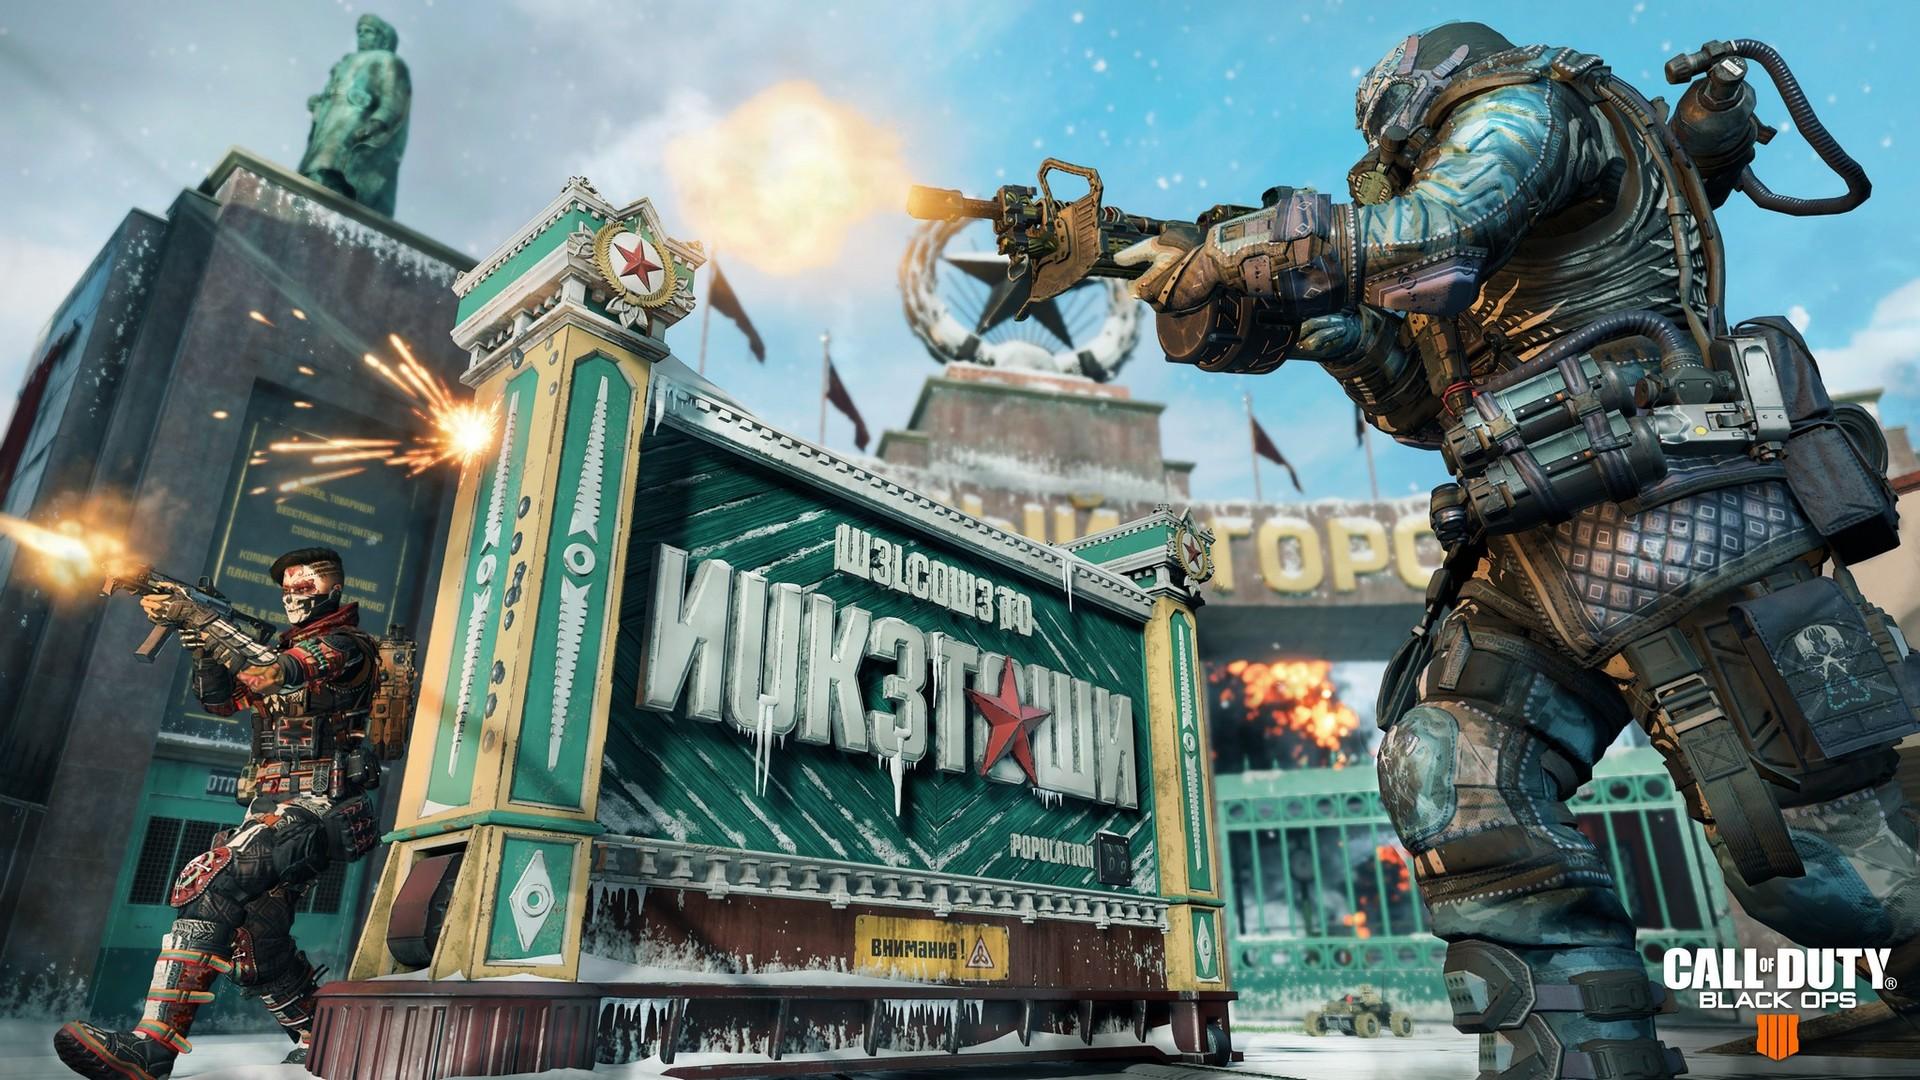 Call Of Duty Black Ops Kostenlos Spielen Ohne Anmeldung